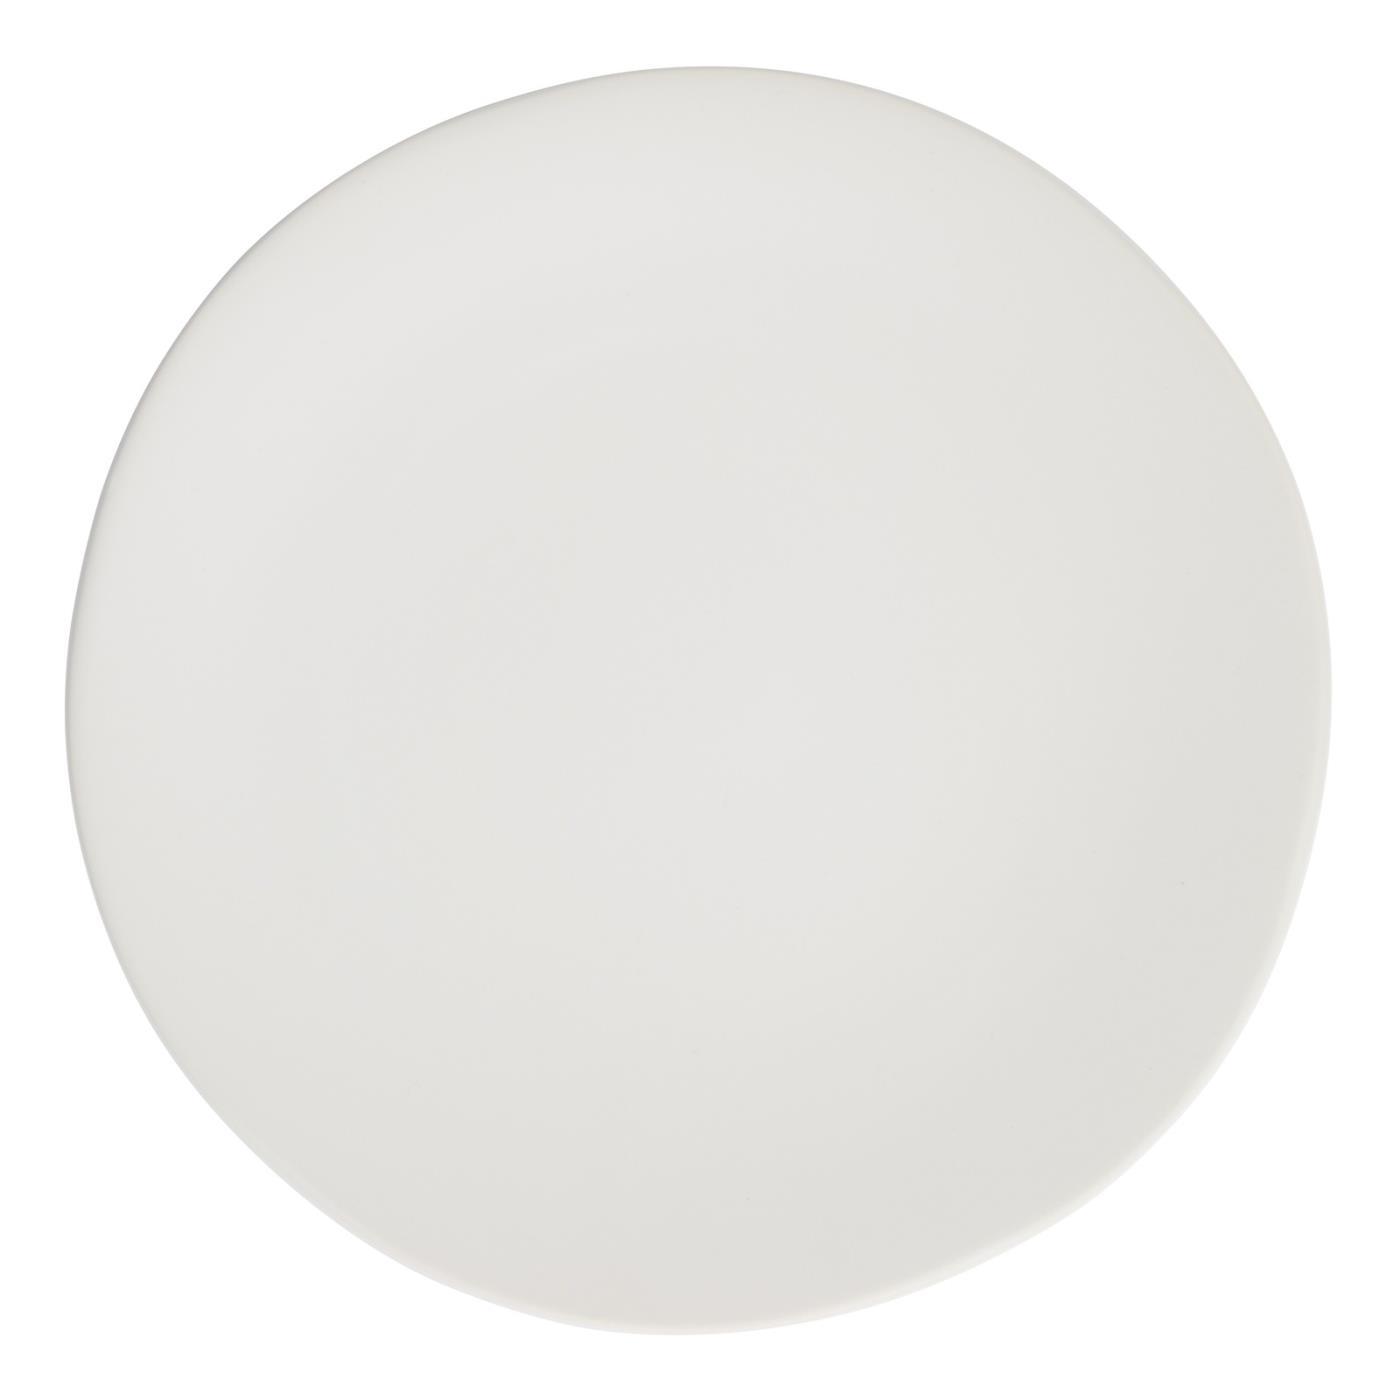 """Terra Dinner Plate 10.75"""" - White"""